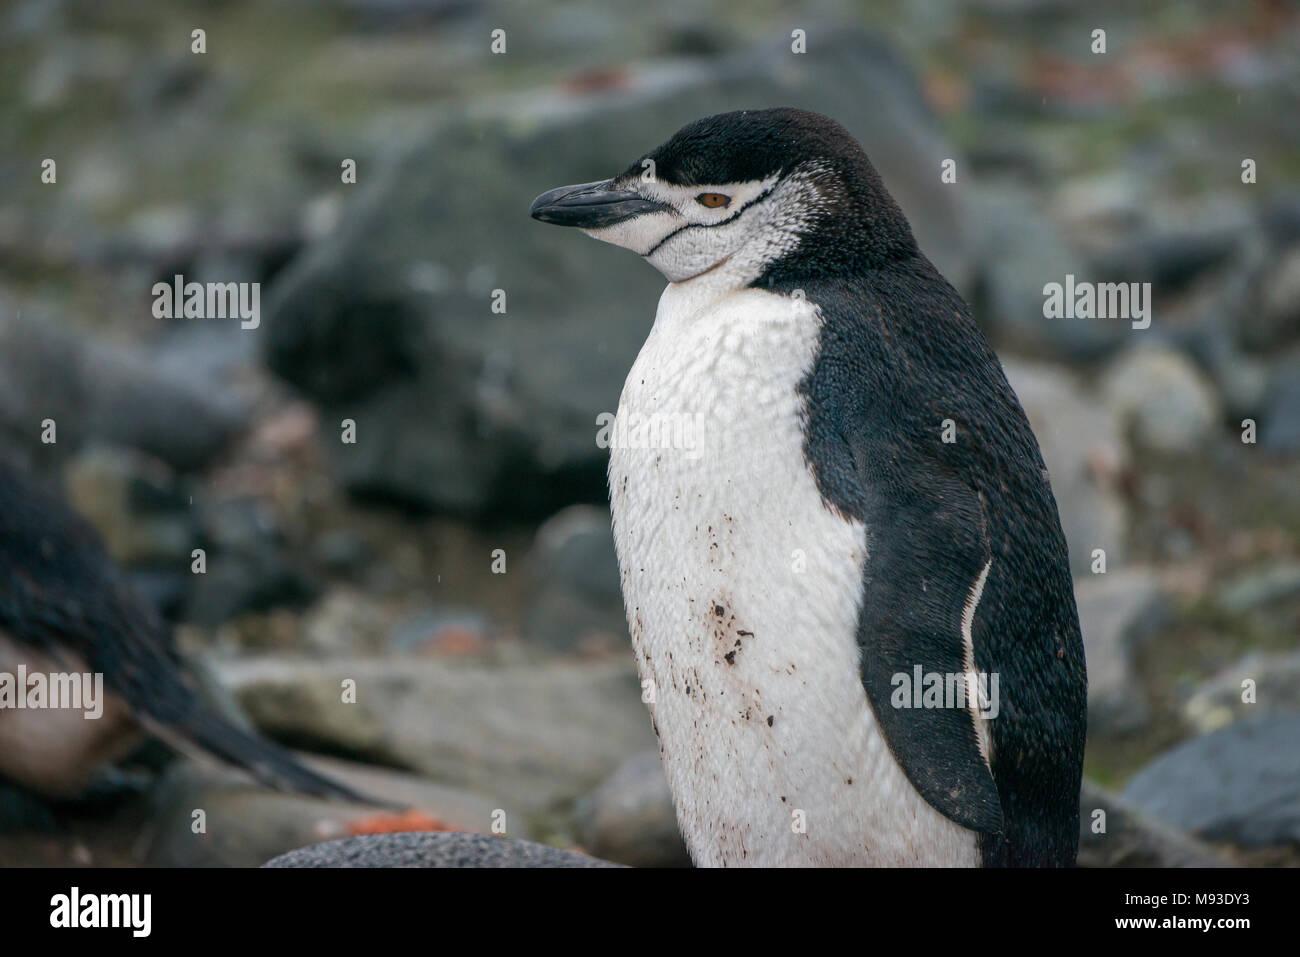 Una de pingüinos de barbijo (Pygoscelis antarcticus) en una lluviosa Isla media luna en la Antártida Imagen De Stock